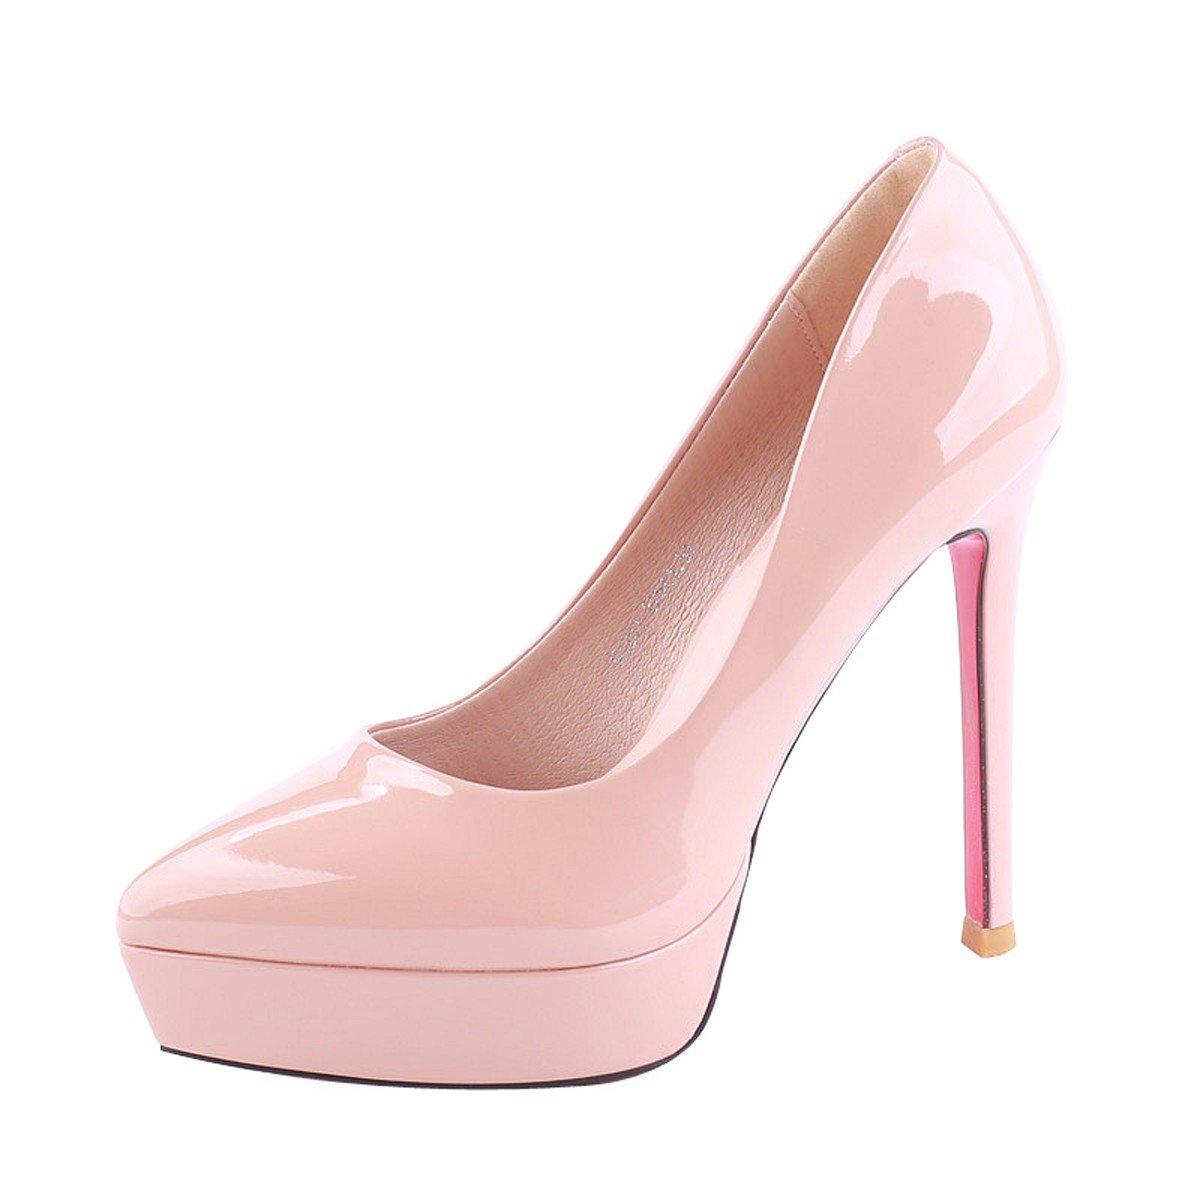 KPHY Zapatos de Mujer/Verano Puntiagudas 12Cm Super Zapatos De Tacon Alto Plataforma Boca Superficial Impermeable Sexy Laca Solo Los Zapatos.Treinta Y Cuatro De Color Albaricoque Thirty-four Apricot color